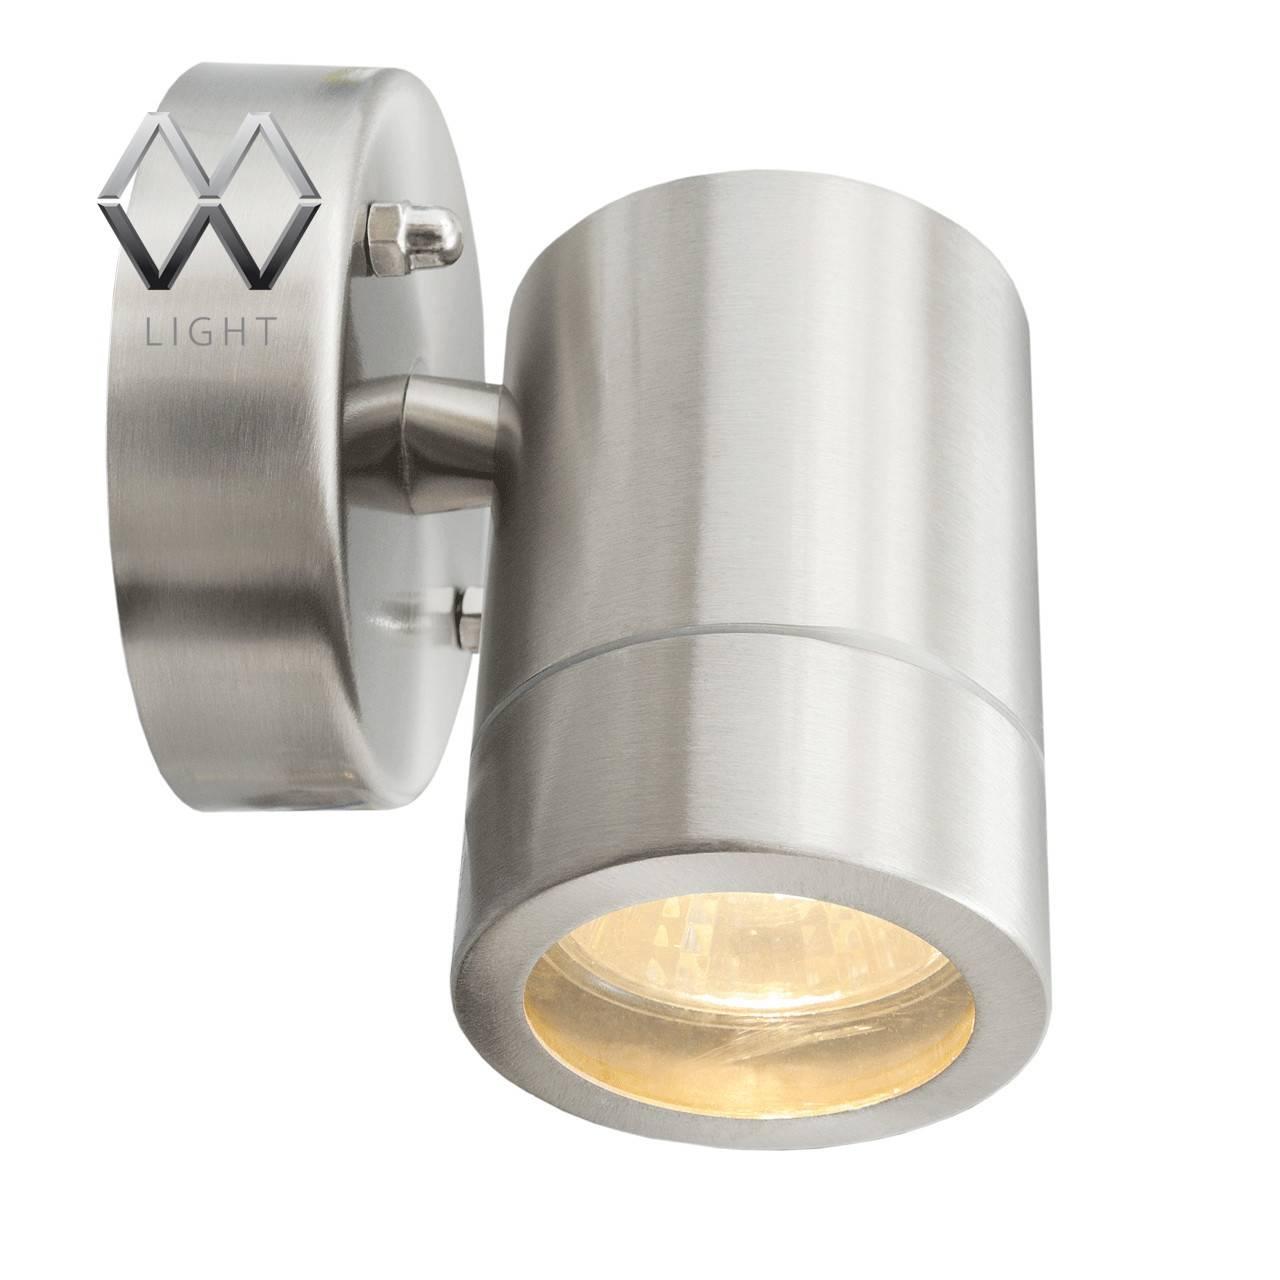 Настенно-потолочный светильник MW-Light, GU10 mw light настенно потолочный светильник slv bena 631339